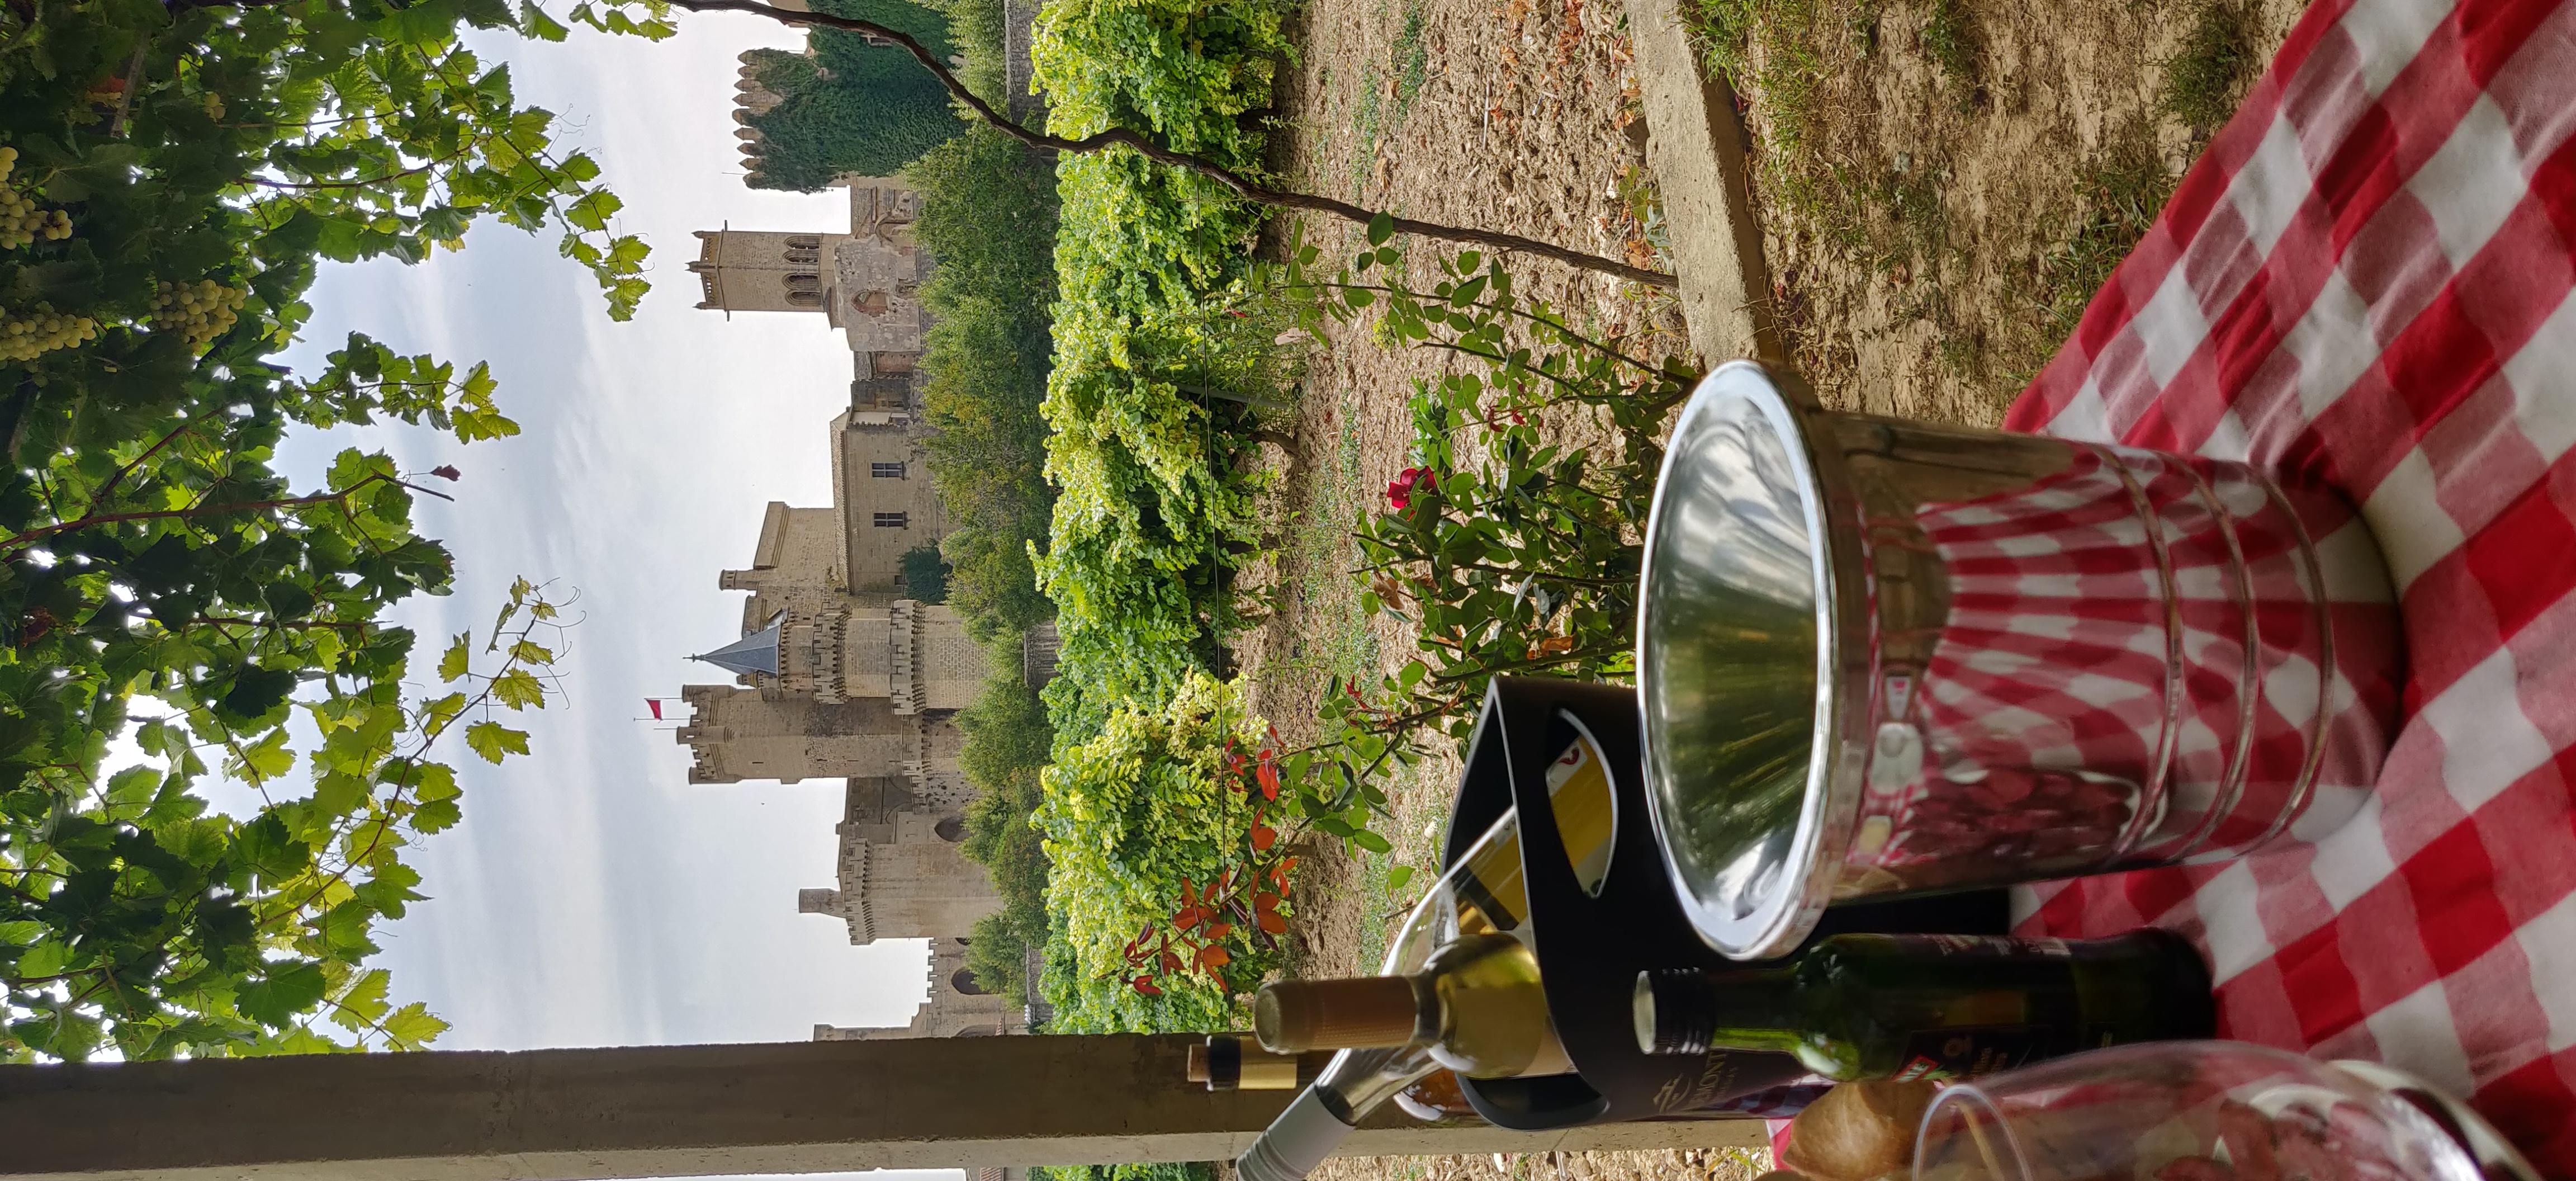 etentje in de tuin bij Piedemonte